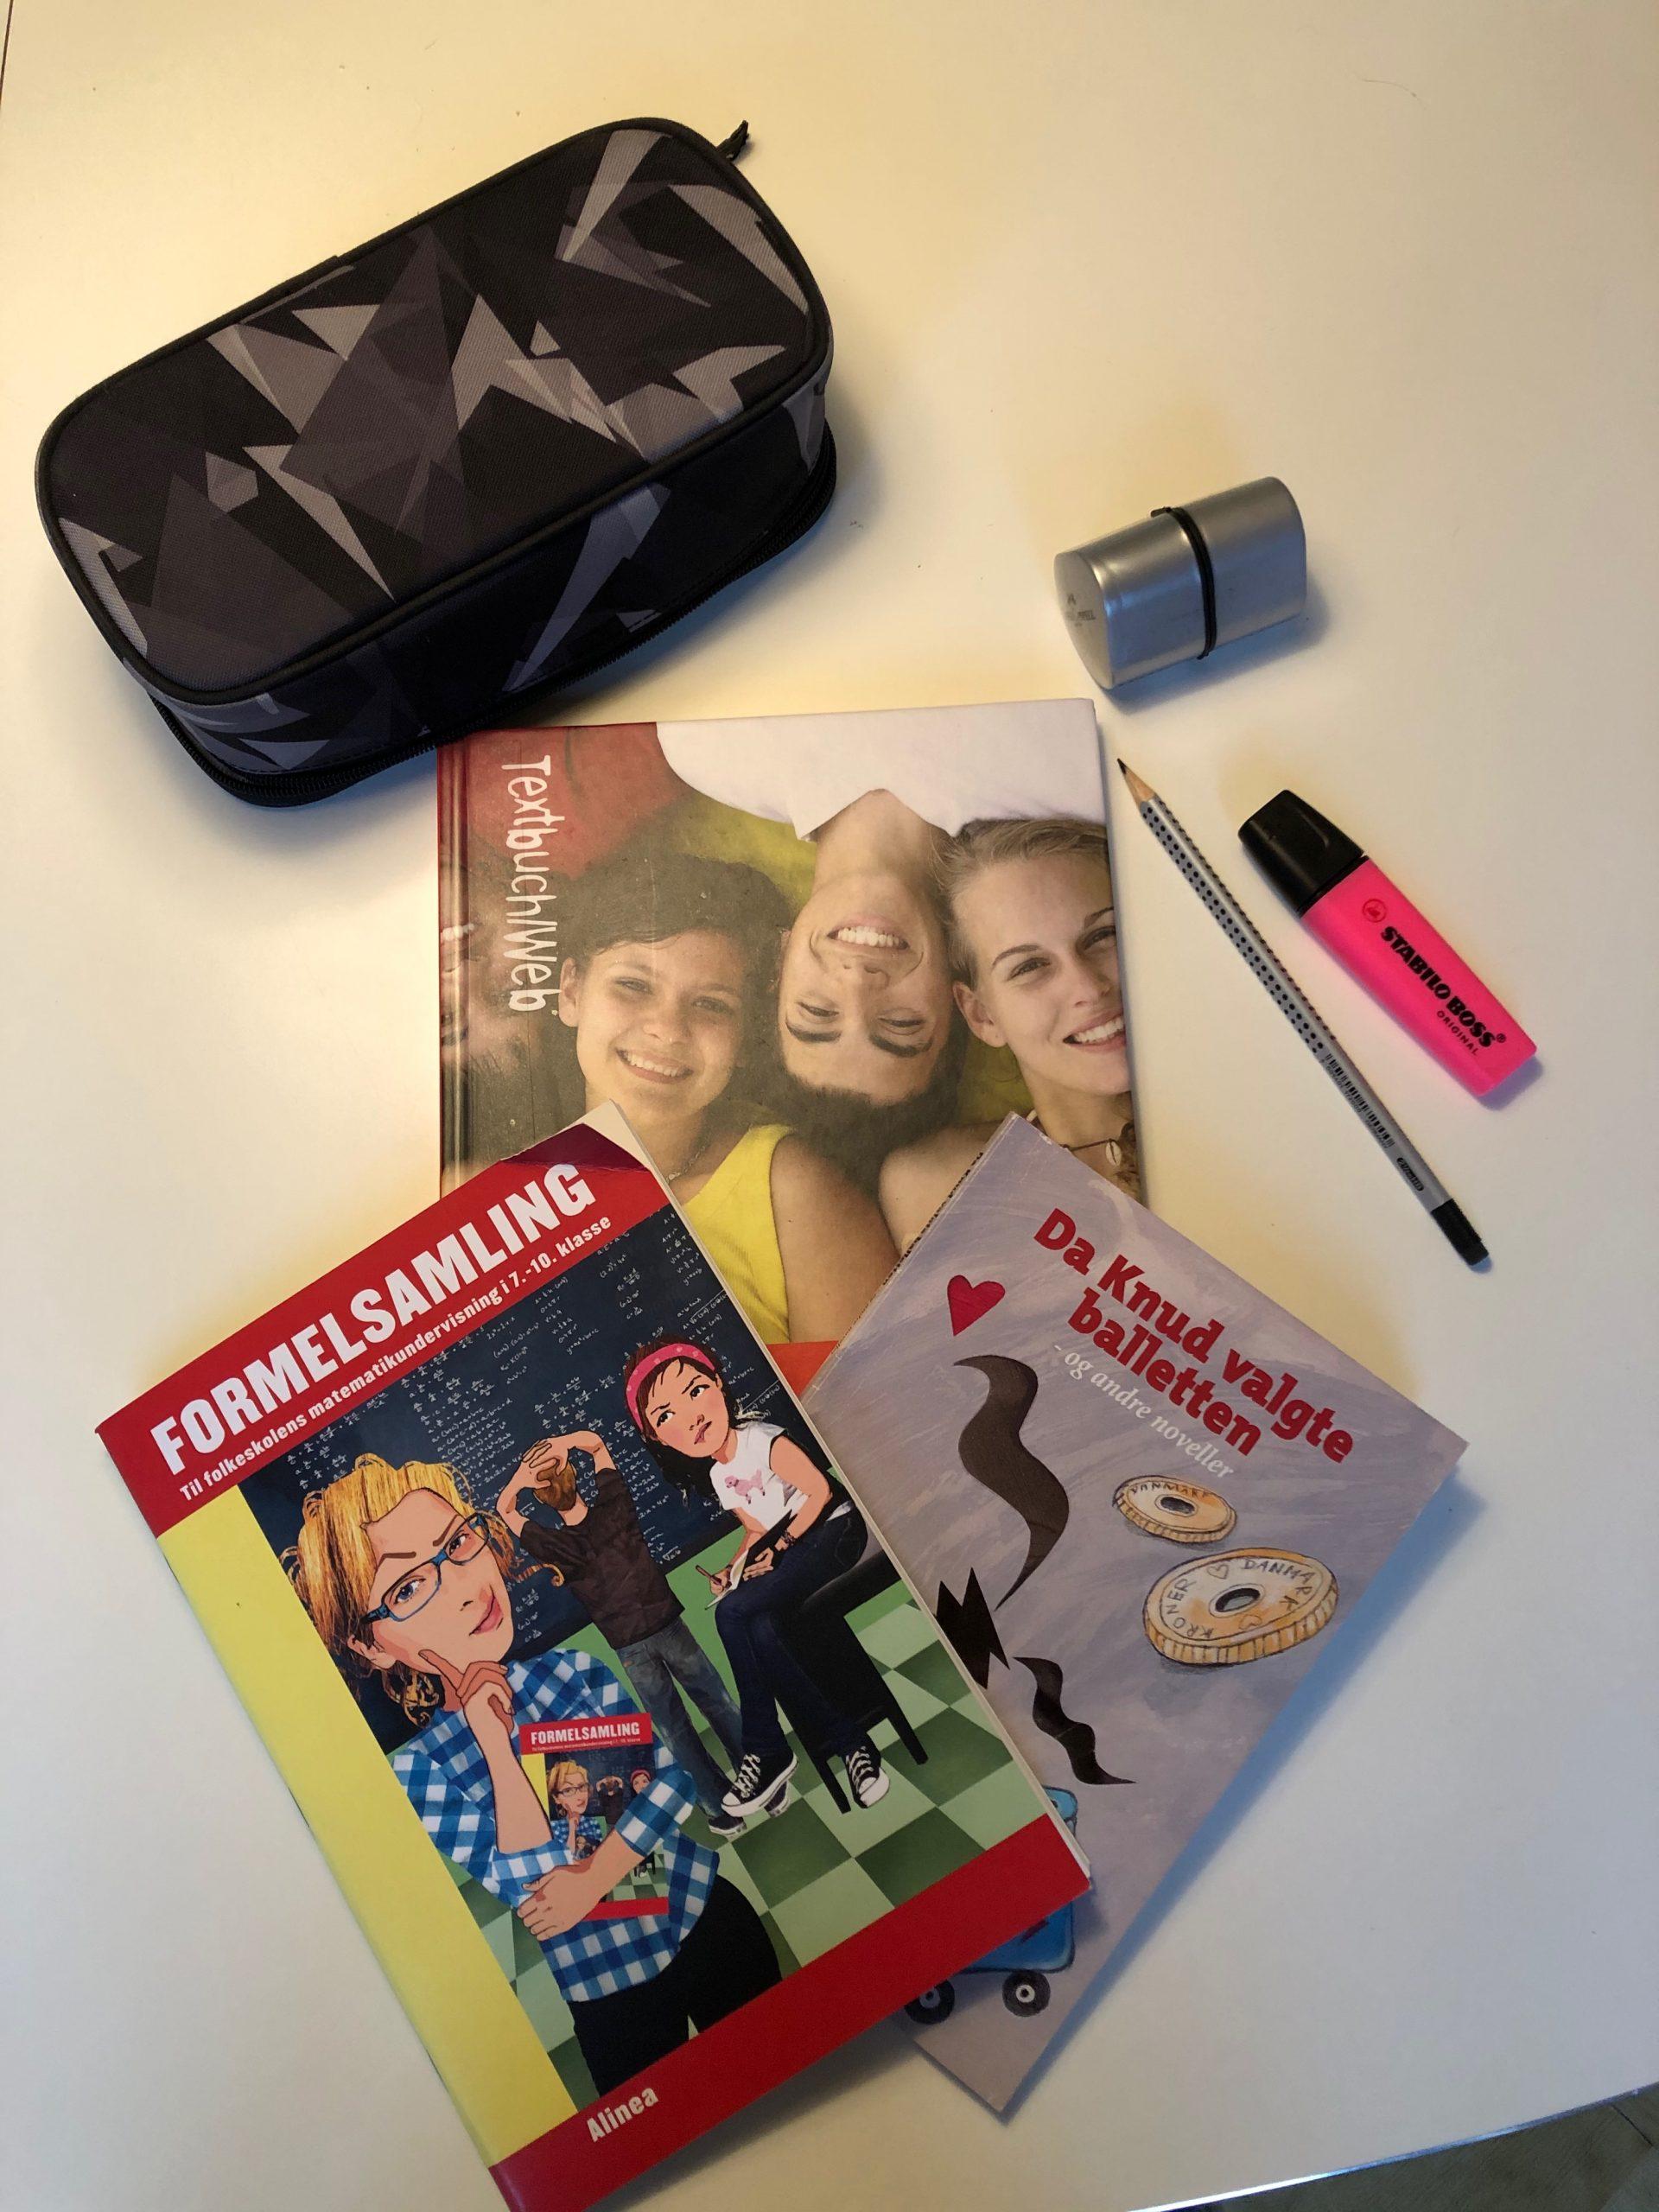 Lektier: Gør lektier til en rar og sjov oplevelse. Få 8 tips til den gode vane og lysten til læring.